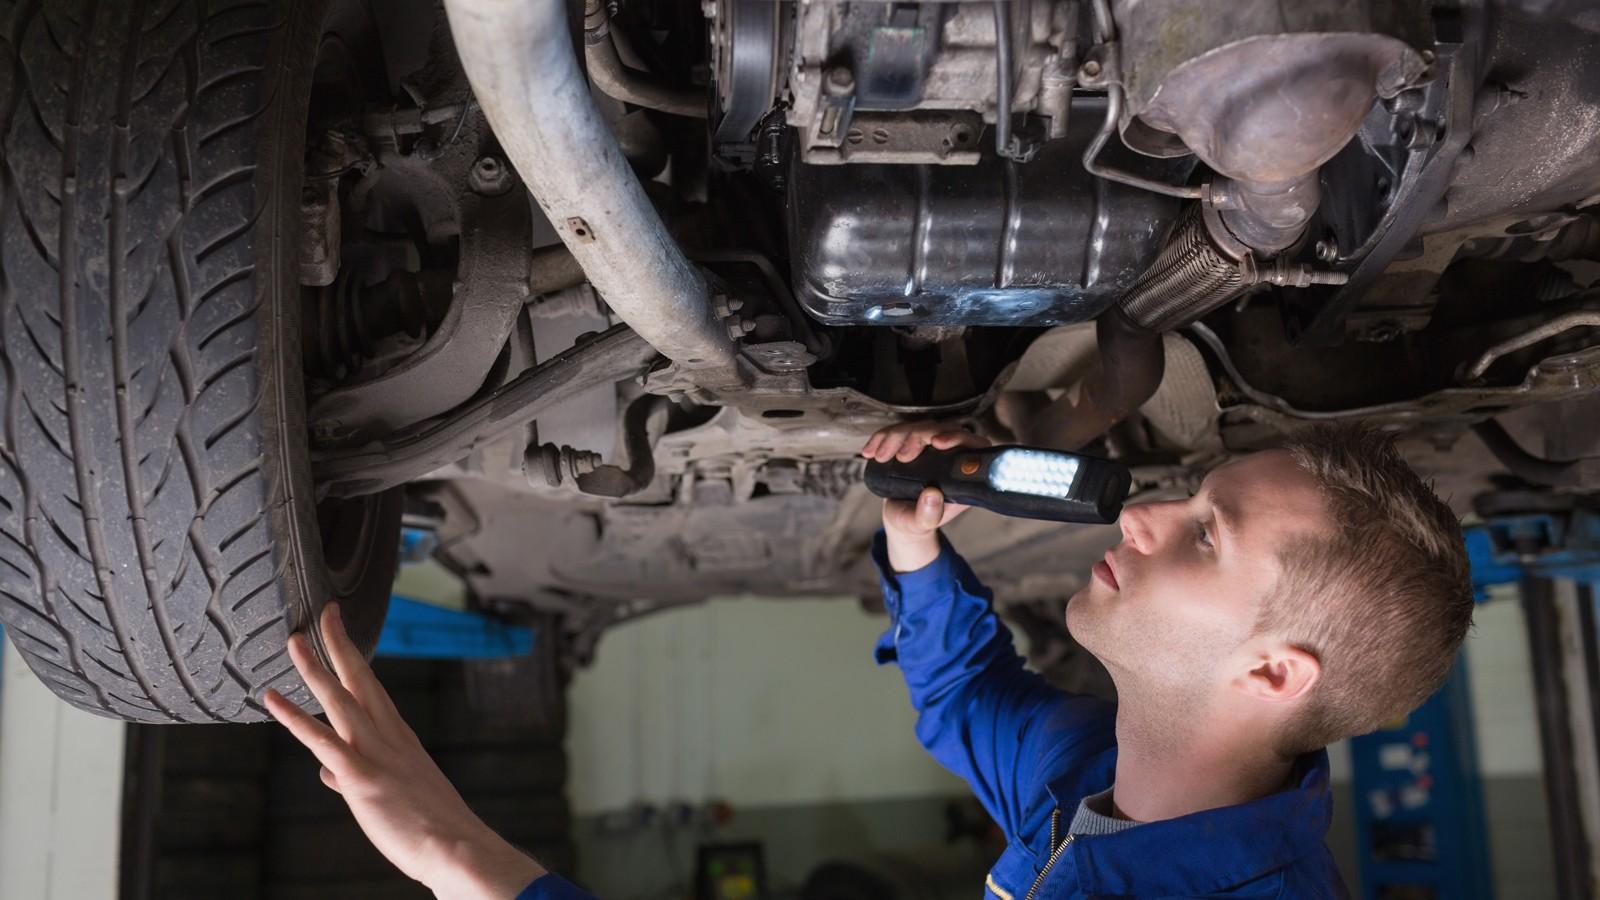 Male mechanic examining car using flashlight